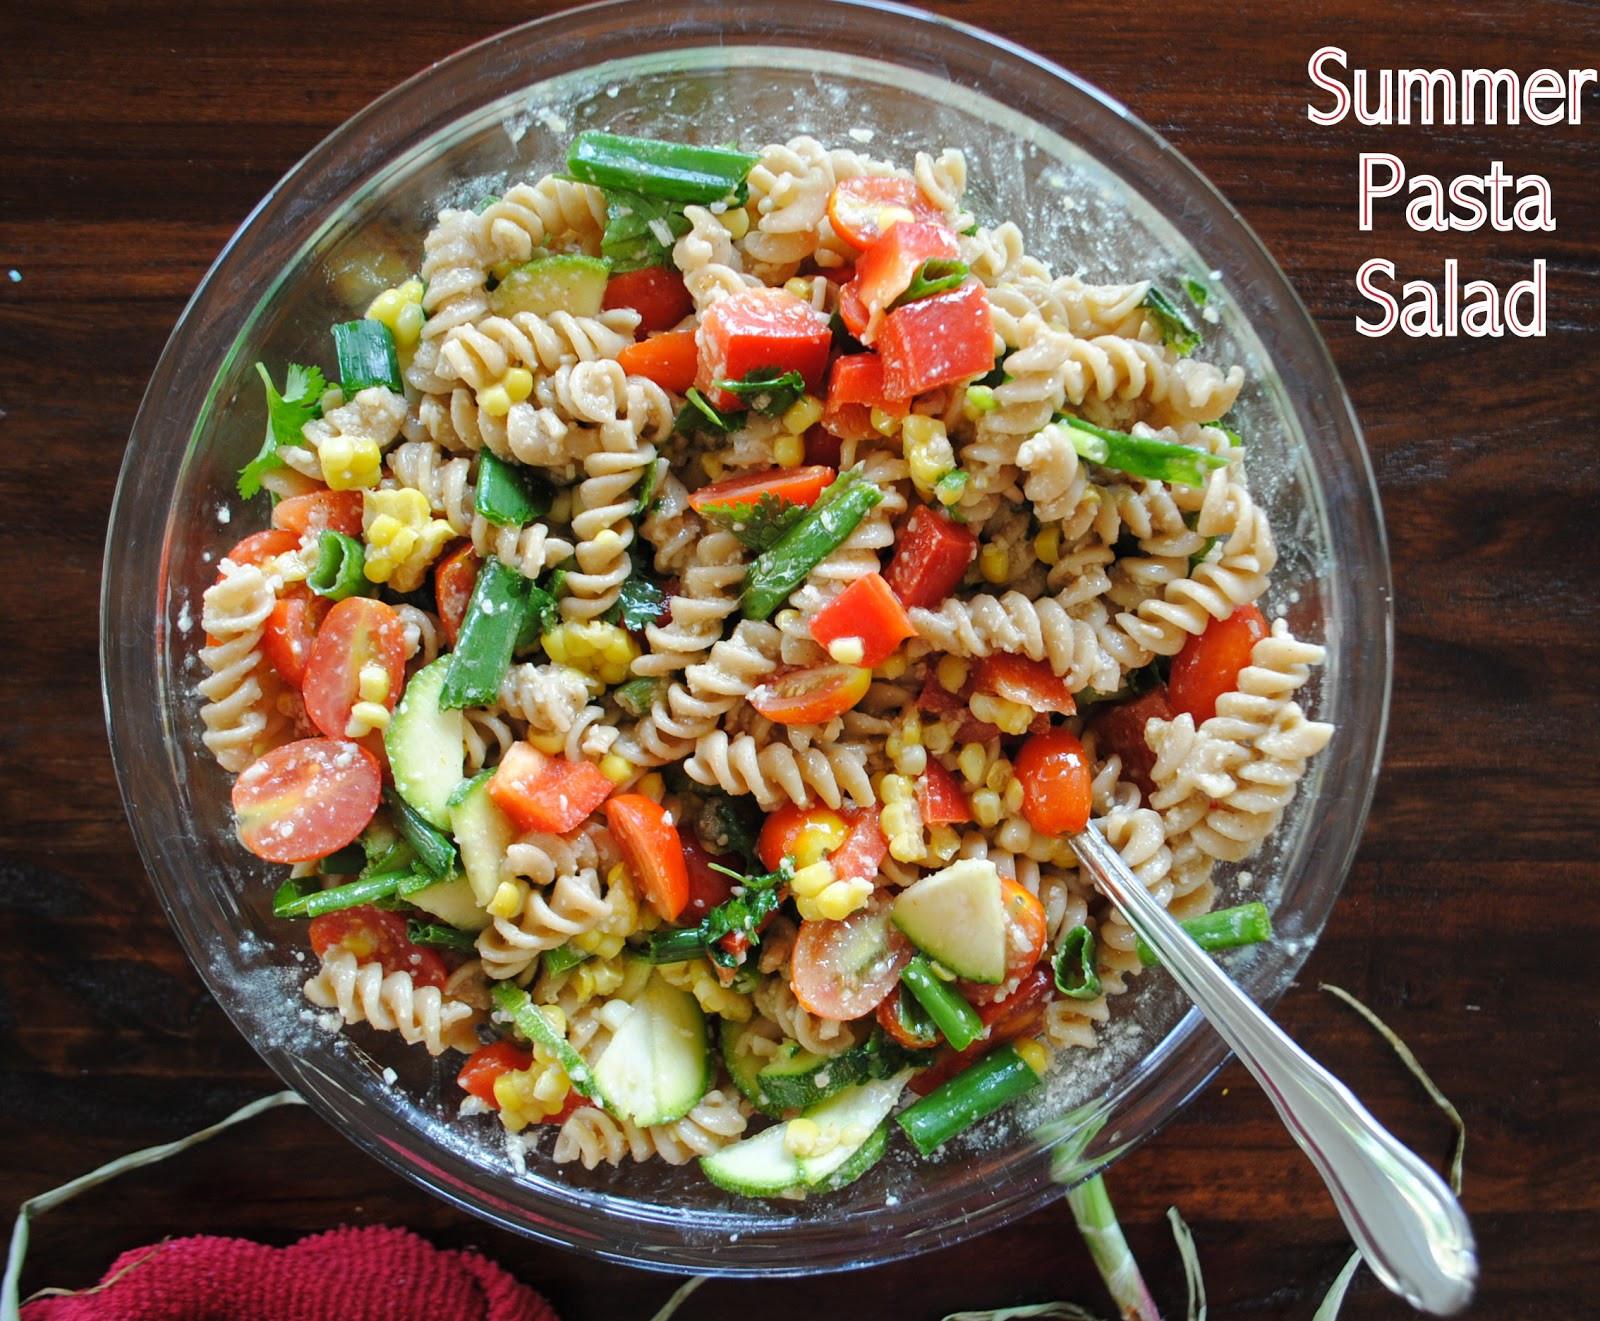 Summertime Pasta Salad  ThriceTheSpice Summer Pasta Salad